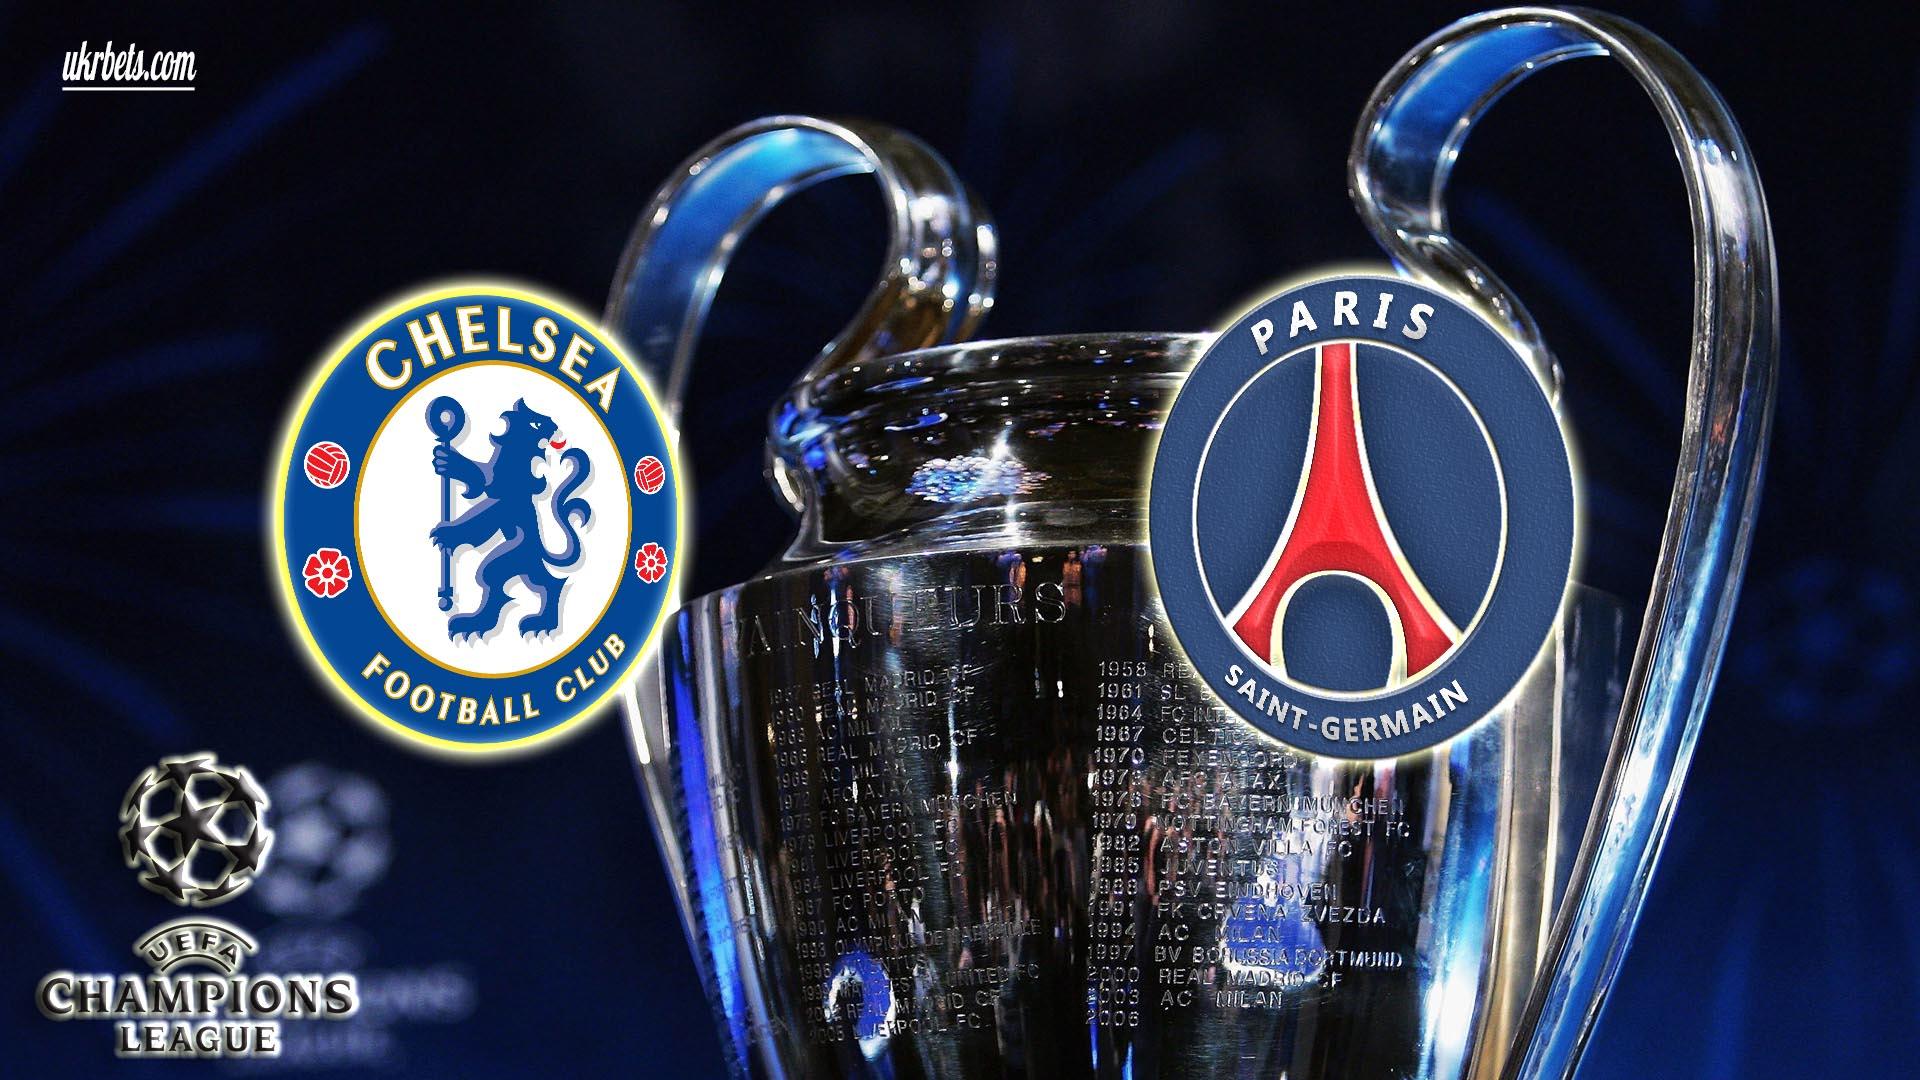 Прогноз на матч Челси - ПСЖ 9 марта 2016